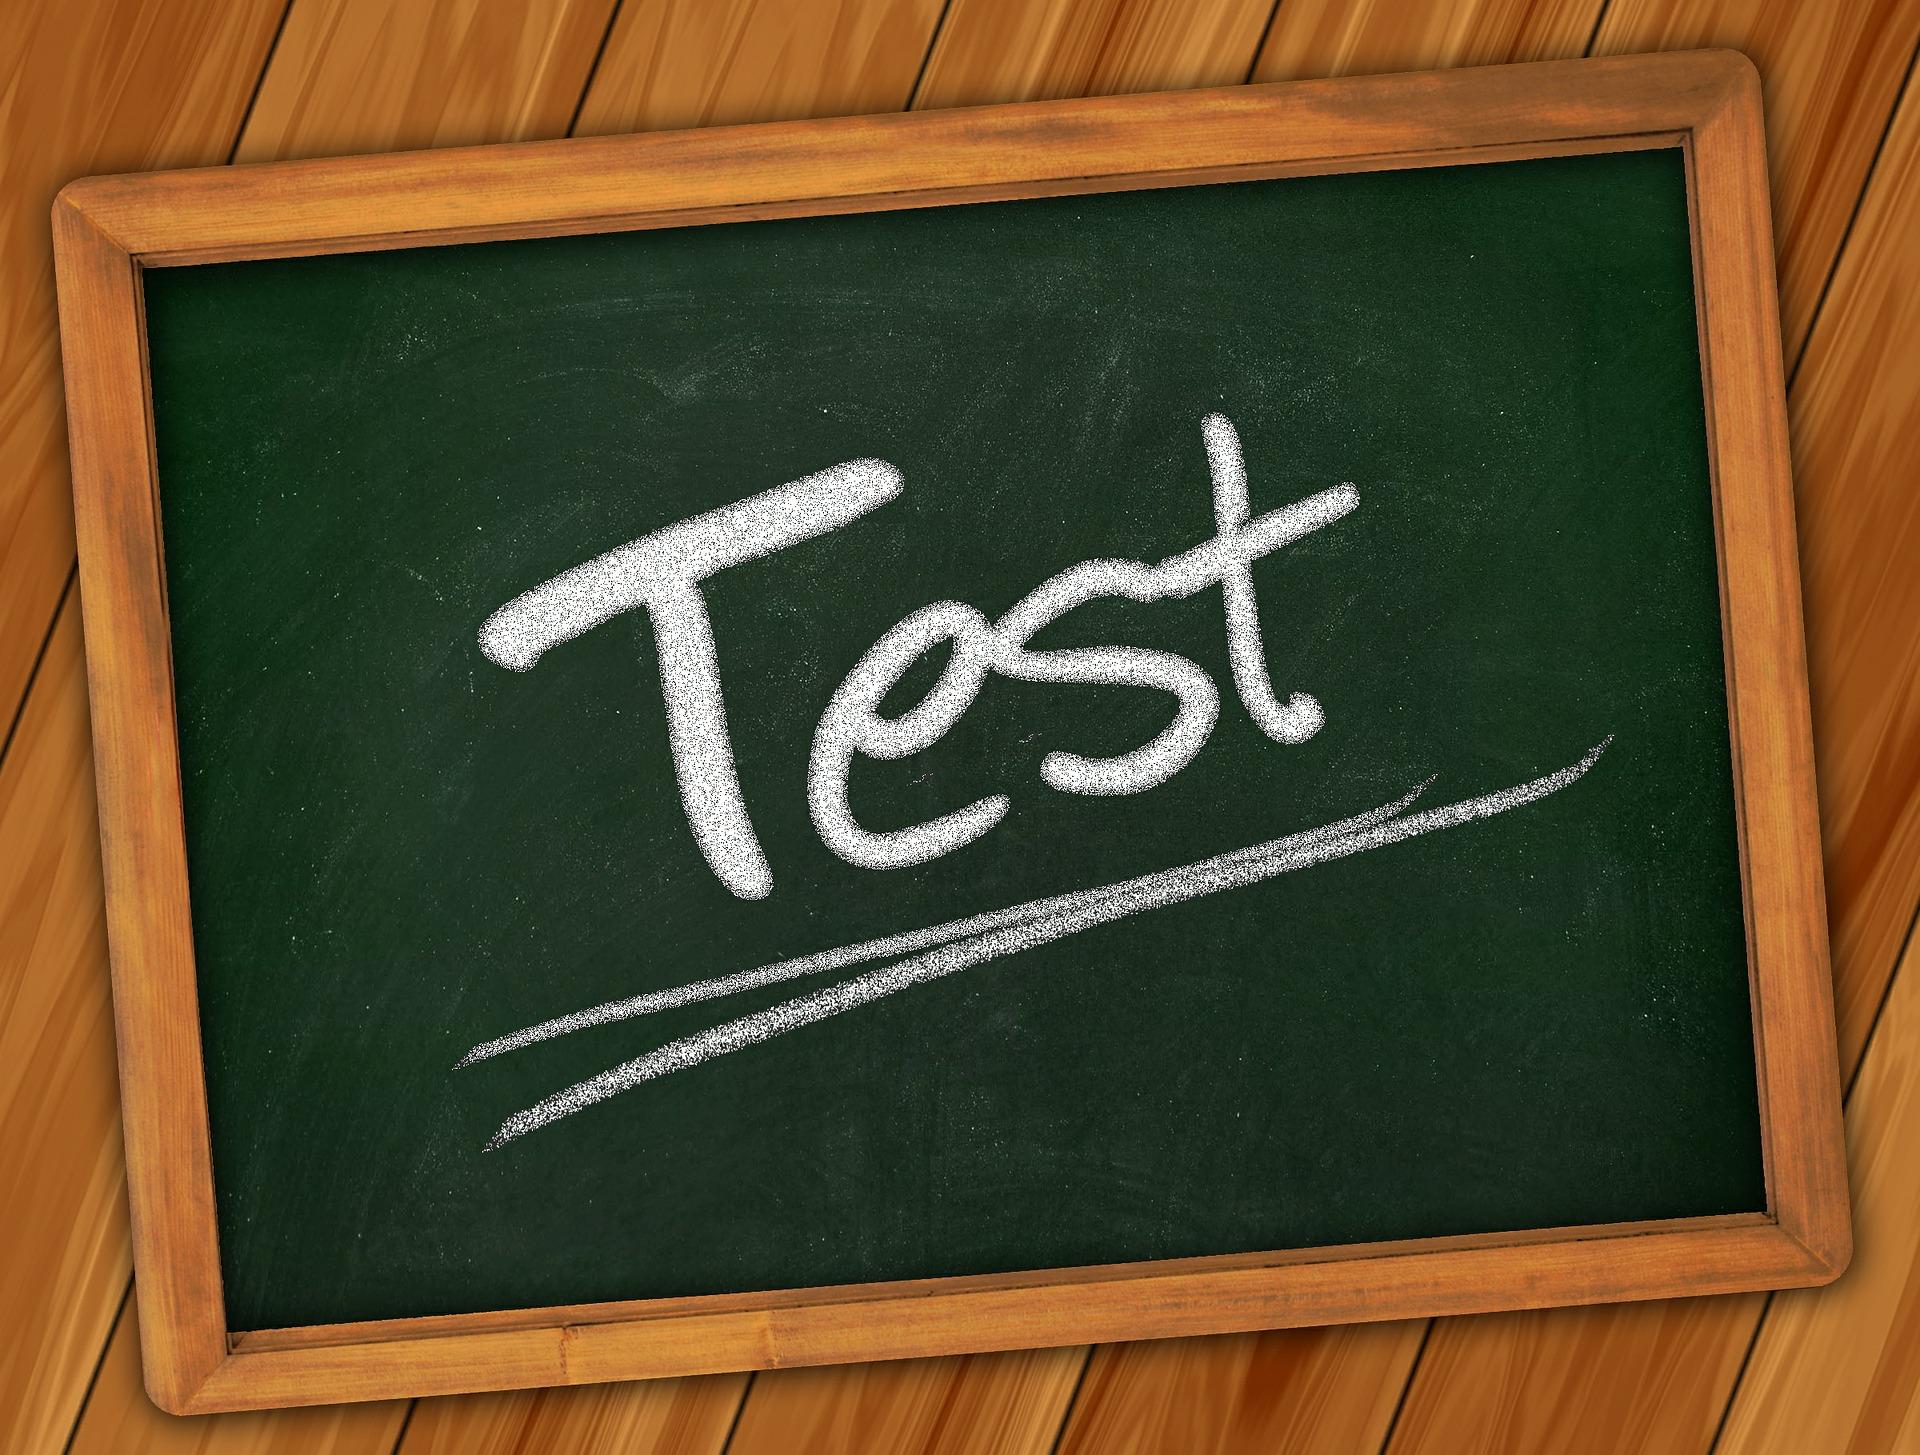 simularea Evaluare Nationala pentru clasa a VIII-a - sfatulparintilor.ro - pixabay_com - board-361516_1920